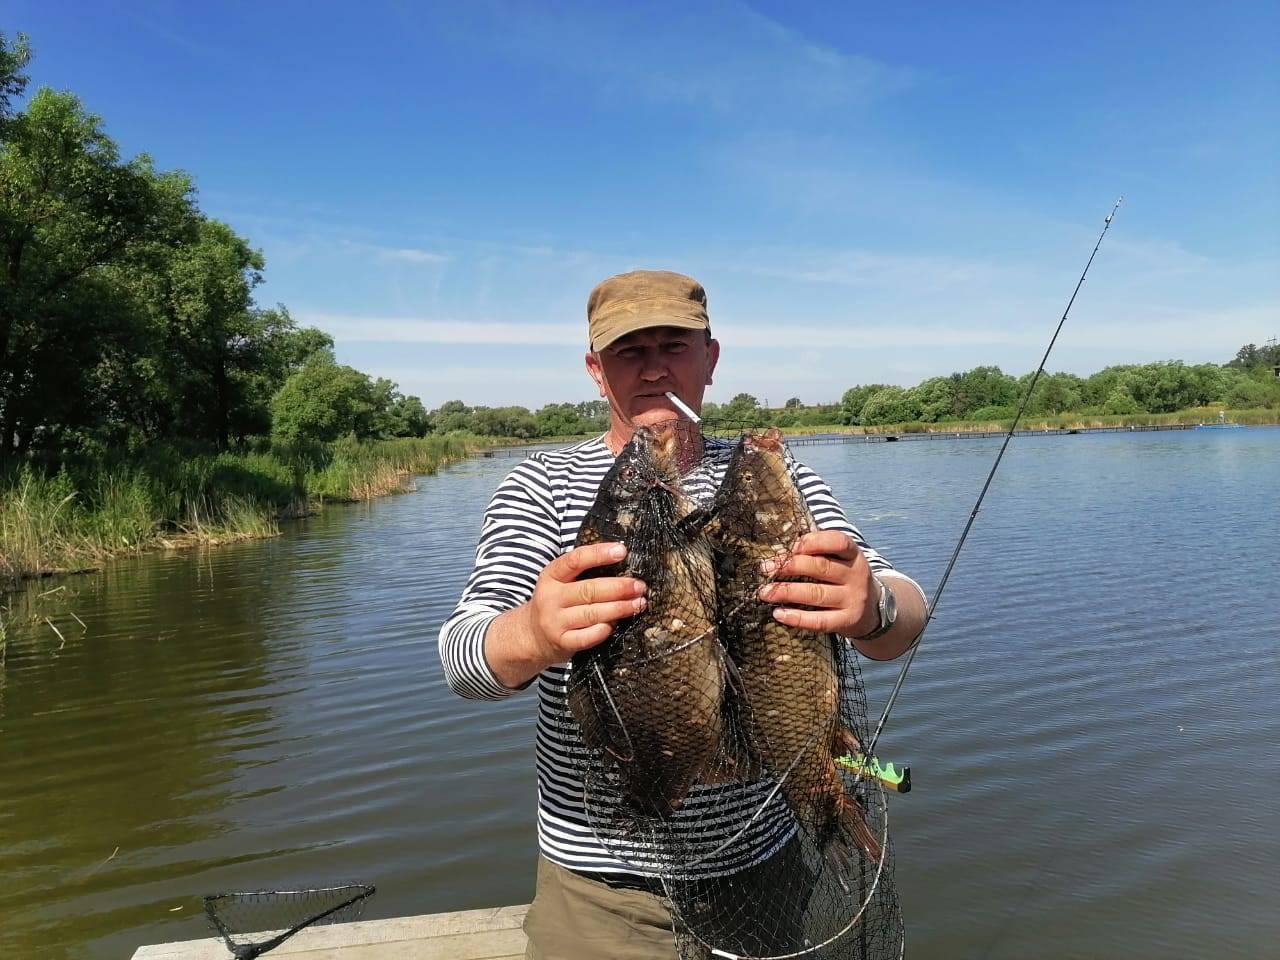 Рыбалка в рязанской области: озера, реки, пруды, платные места